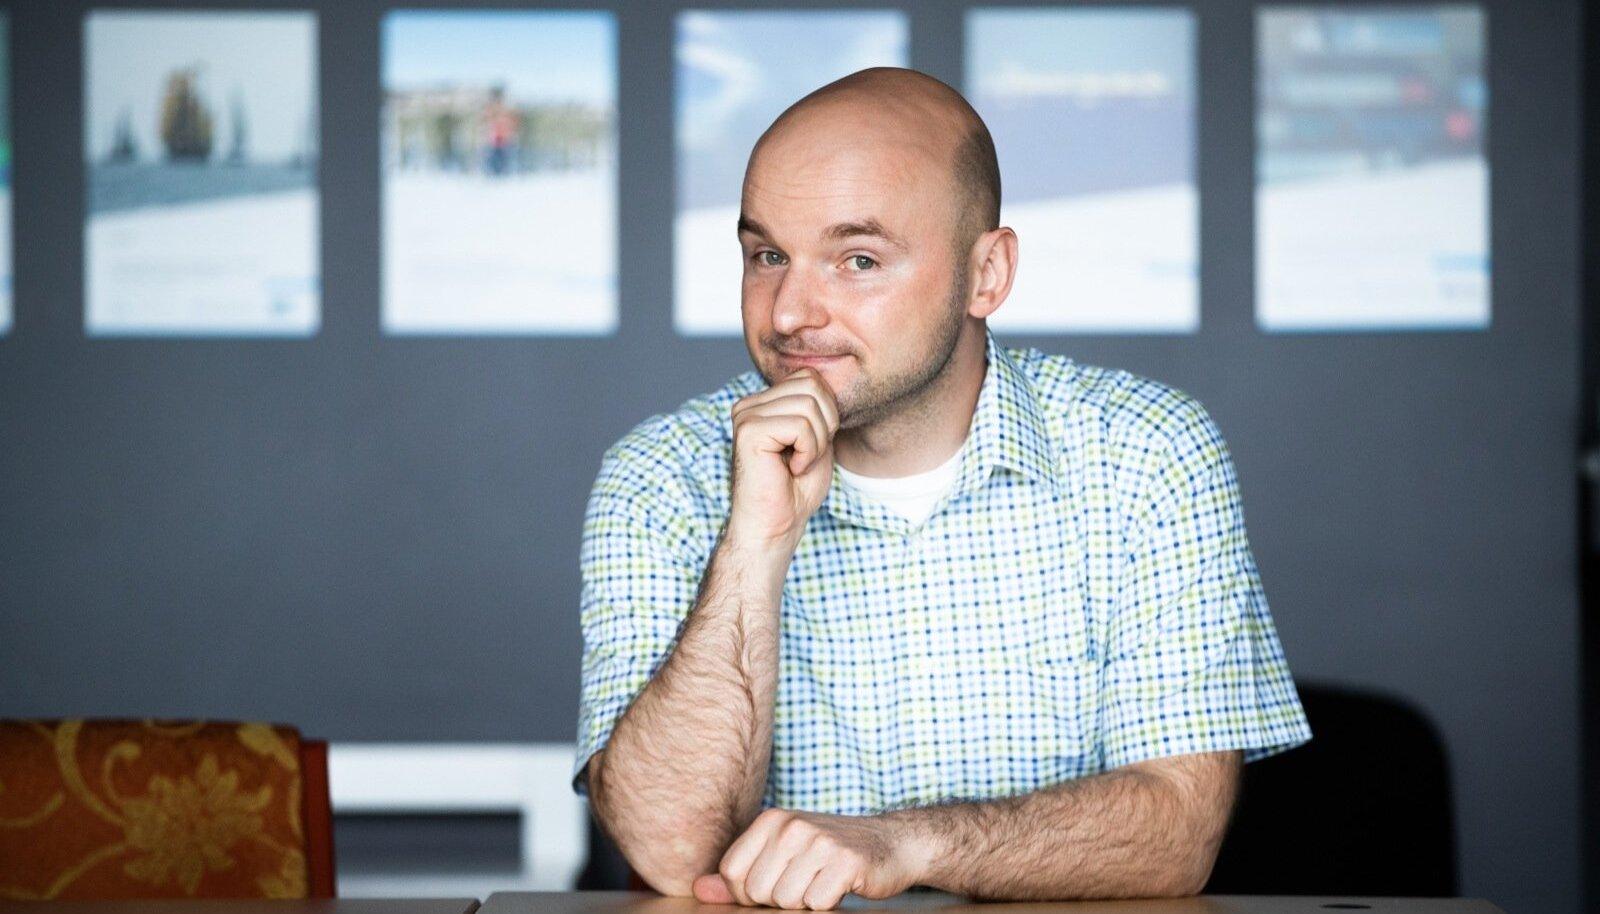 Rahvusvahelise Kaitseuuringute Keskuse tegevjuht Dmitri Teperik